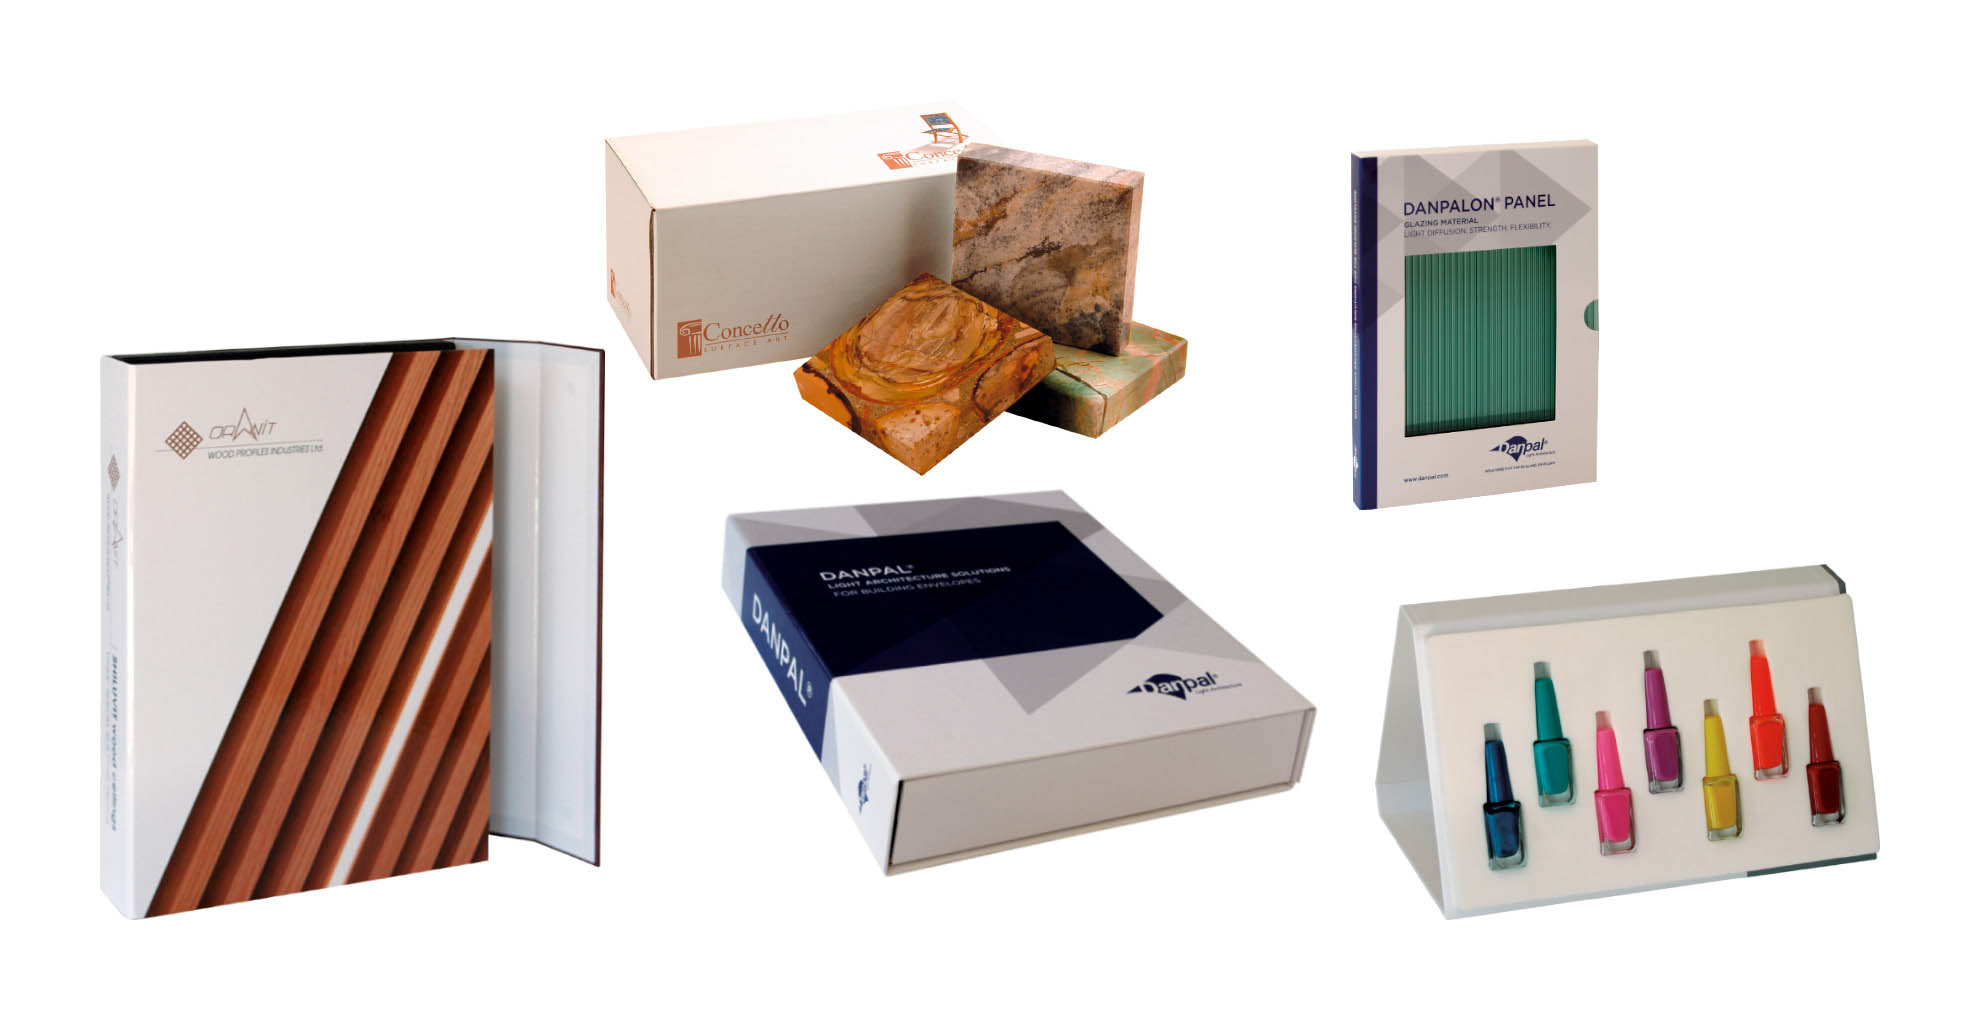 מארזים וקופסאות של דוגמאות ממותגות בהתאמה אישית עם מסגרות צורניות מקרטון קשיח דחוס, קרטון גלי, קרטון דופלקס, סגירת מגנטים, תיק דייר